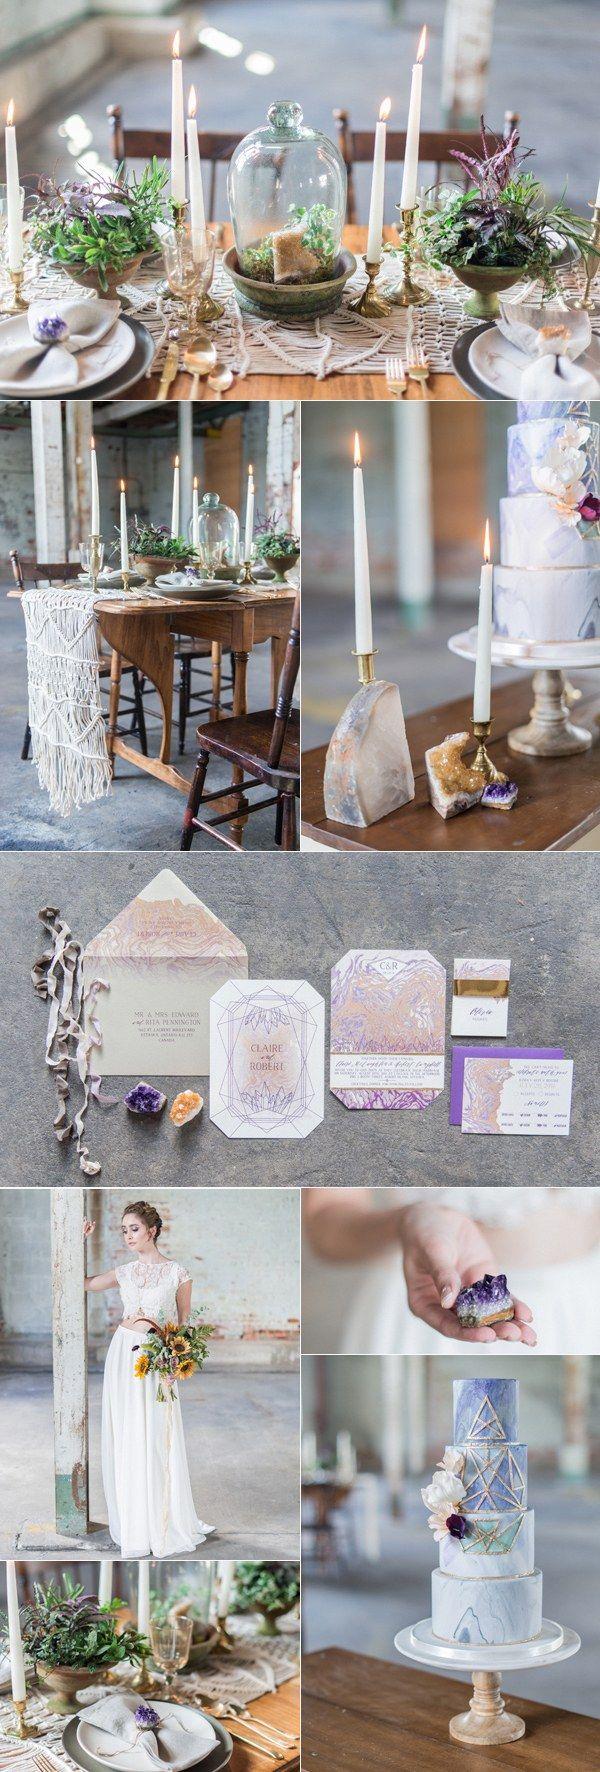 industrial bohemian geode wedding ideas / http://www.deerpearlflowers.com/industrial-wedding-theme-ideas/2/